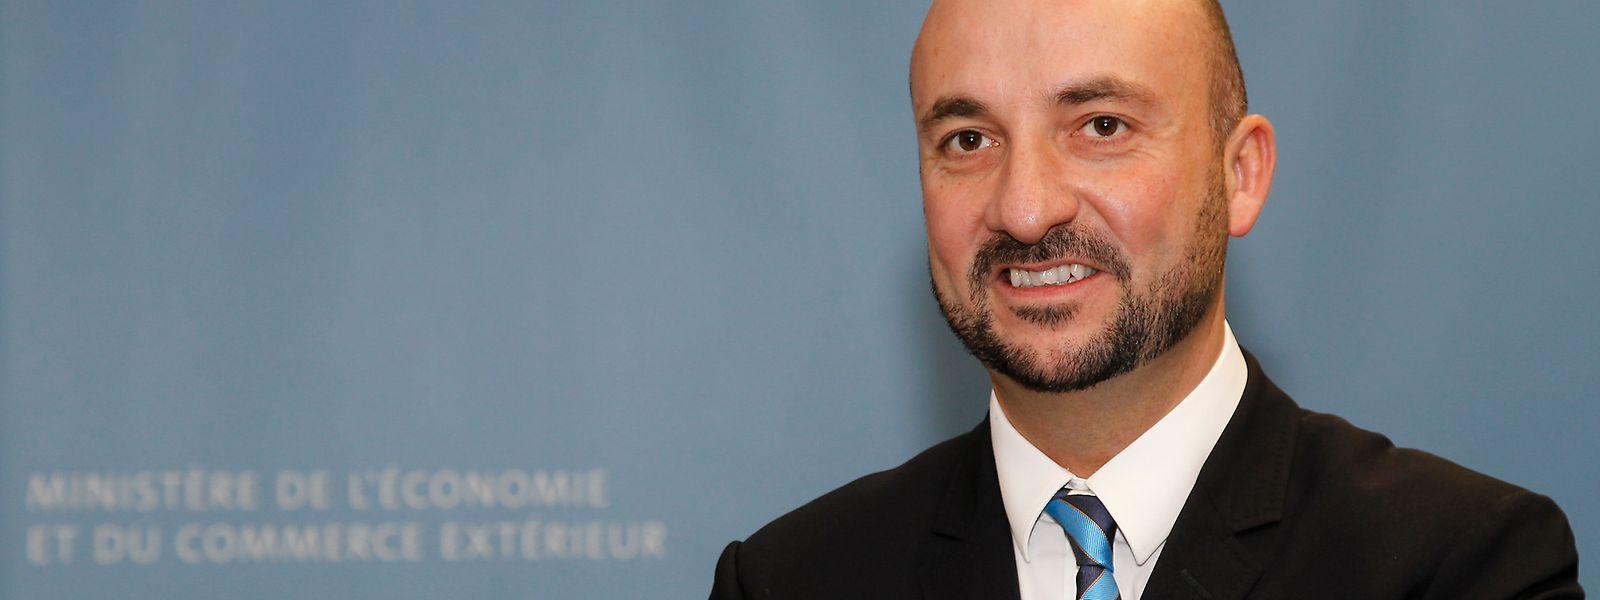 Am 1. Februar 2012 wurde Etienne Schneider Mitglied der Regierung Juncker-Asselborn II. Als Wirtschaftsminister folgte er auf seinen sozialistischen Parteikollegen Jeannot Krecké.